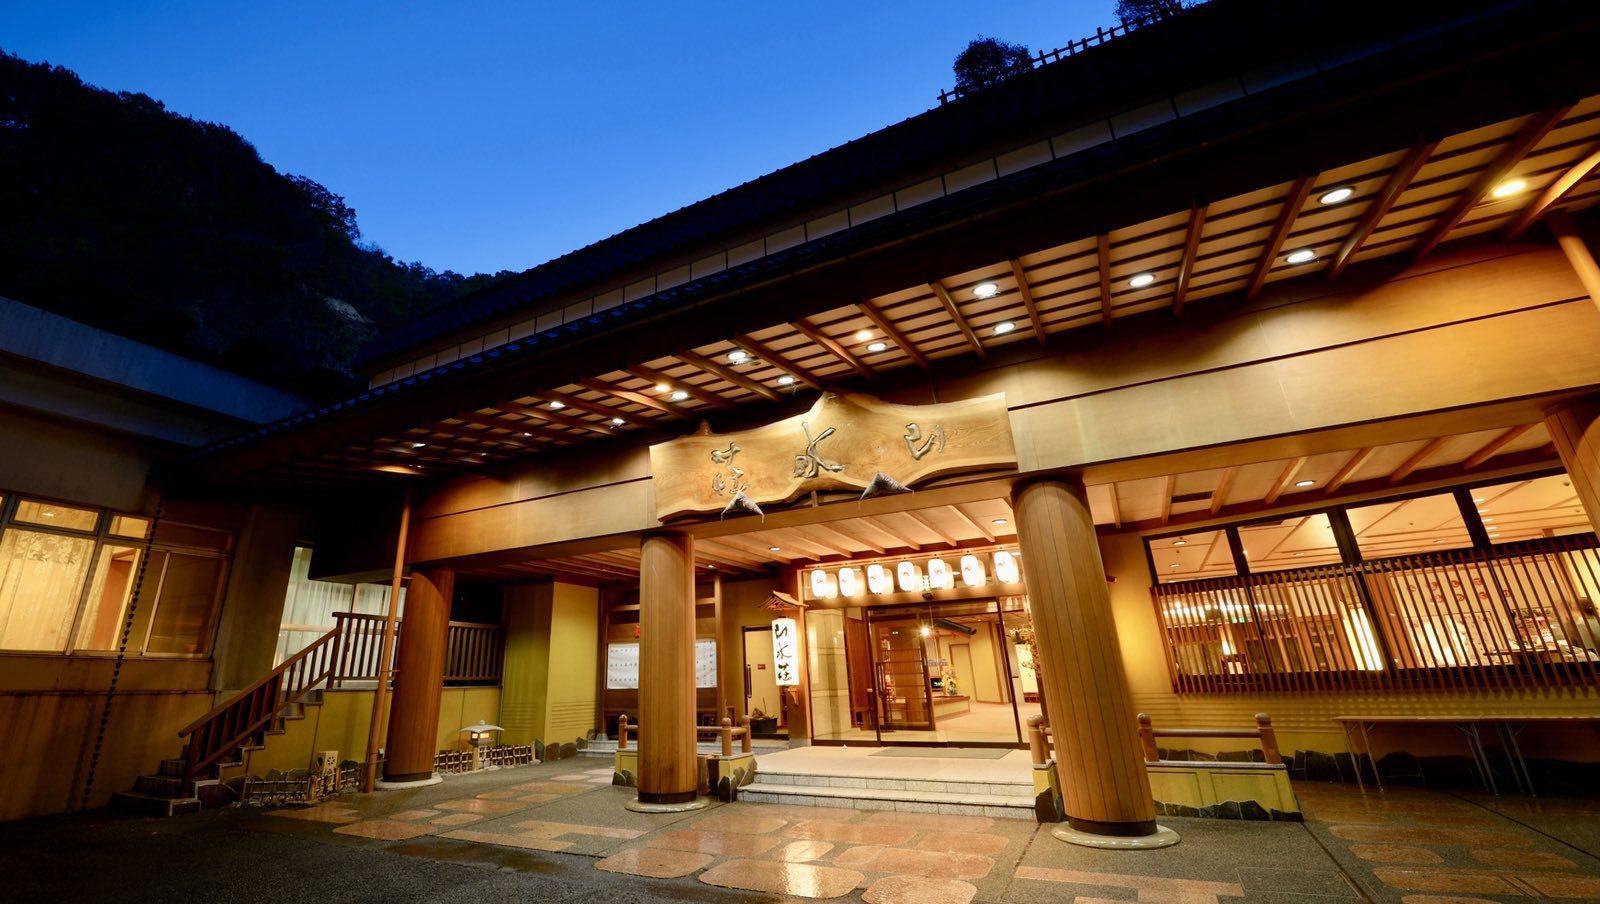 土湯温泉 ホテル山水荘